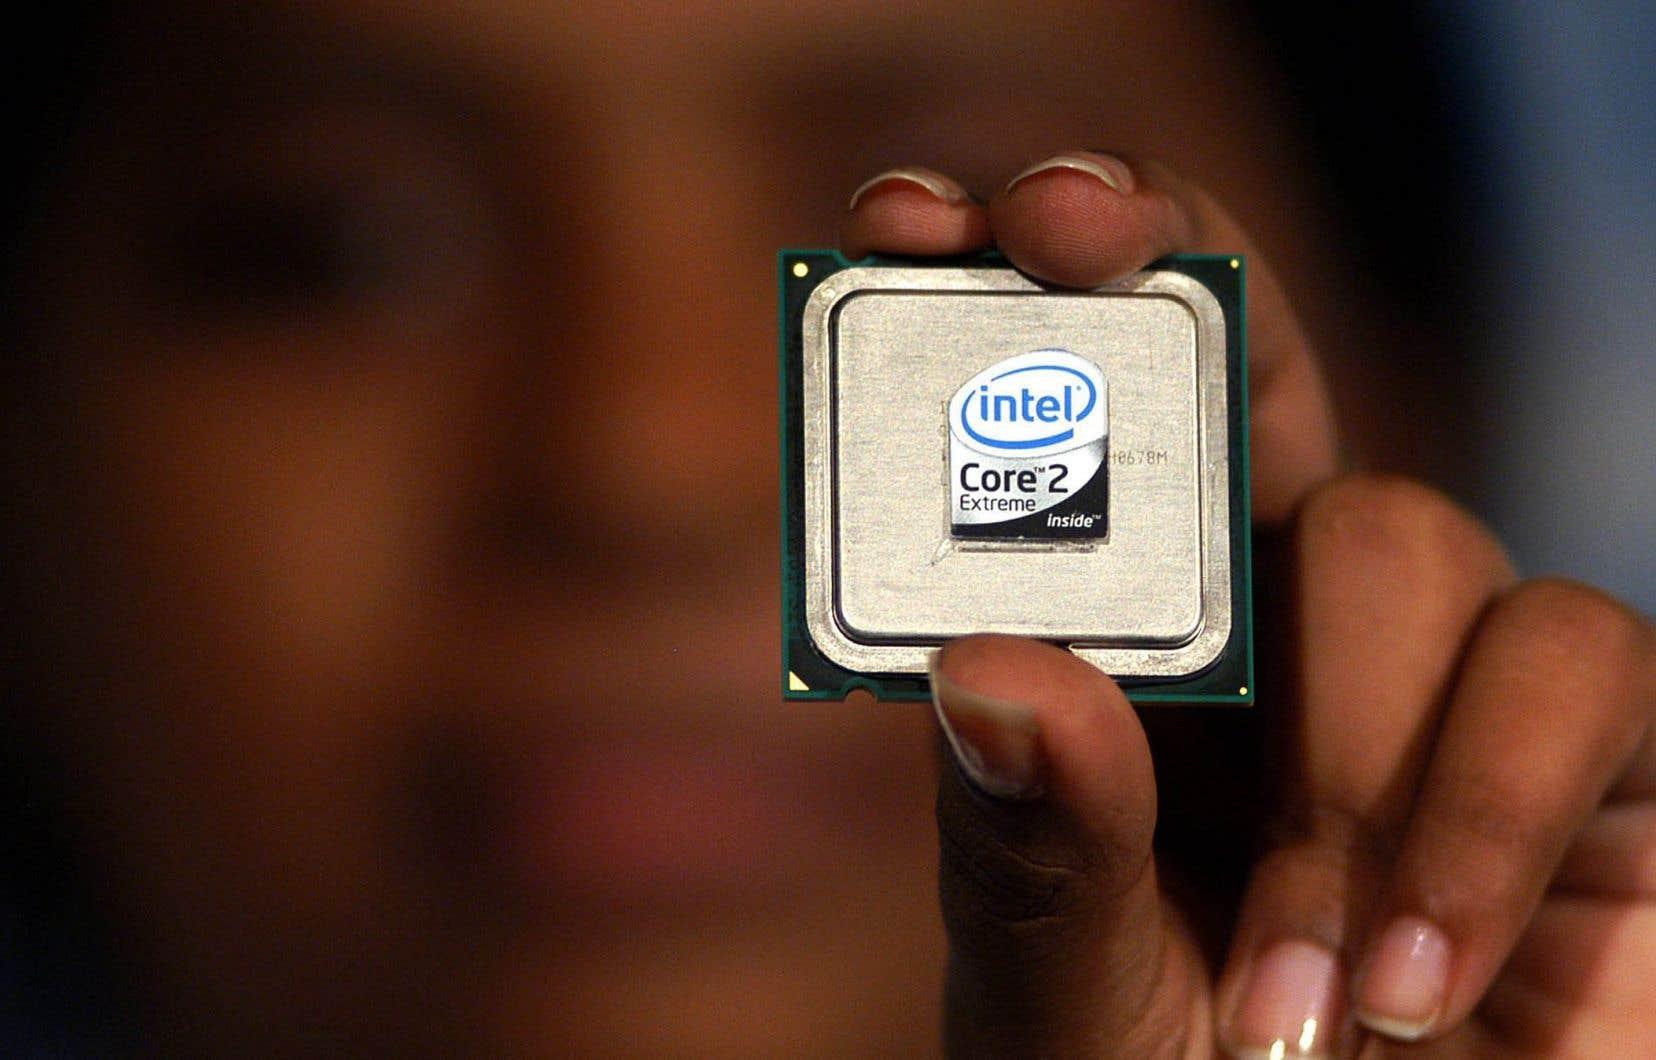 Fin2016, Intel avait déjà été confronté à une autre faille sur l'un de ses produits, mais de moindre ampleur, ce dernier étant nettement moins répandu.